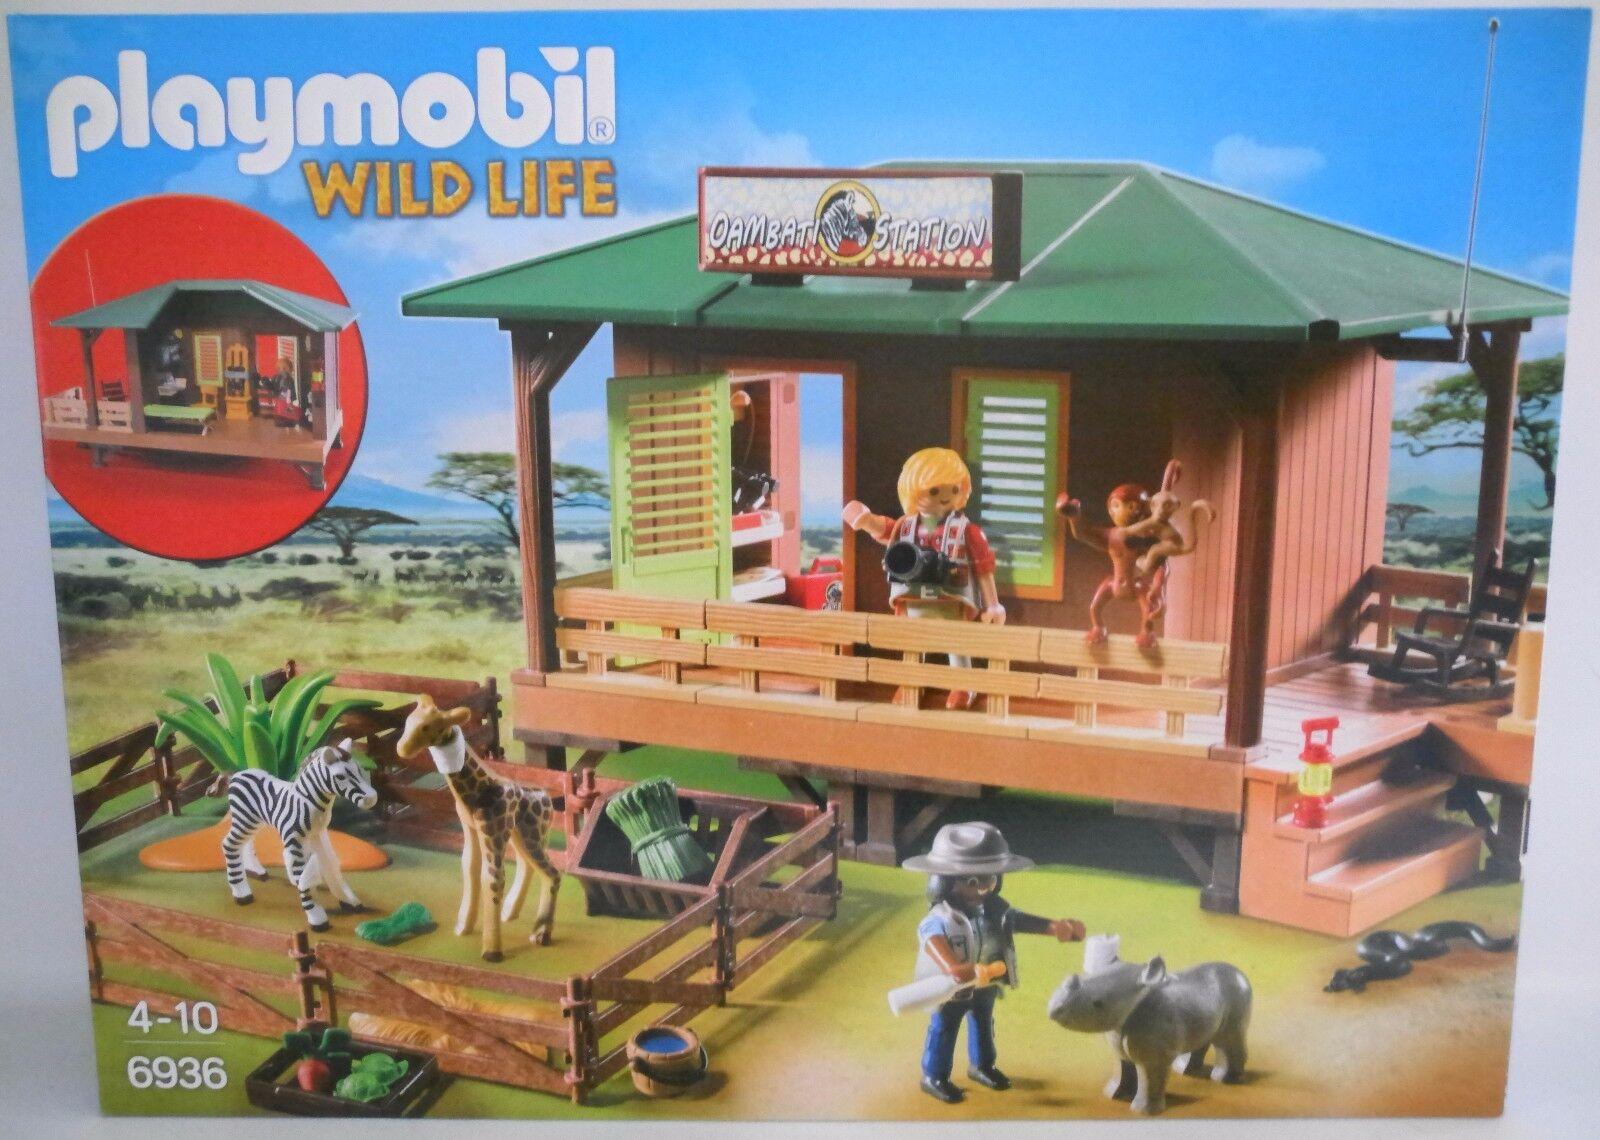 NEU PLAYMOBIL® WILDLIFE 6936 Rangerstation mit Tieraufzucht  OVP